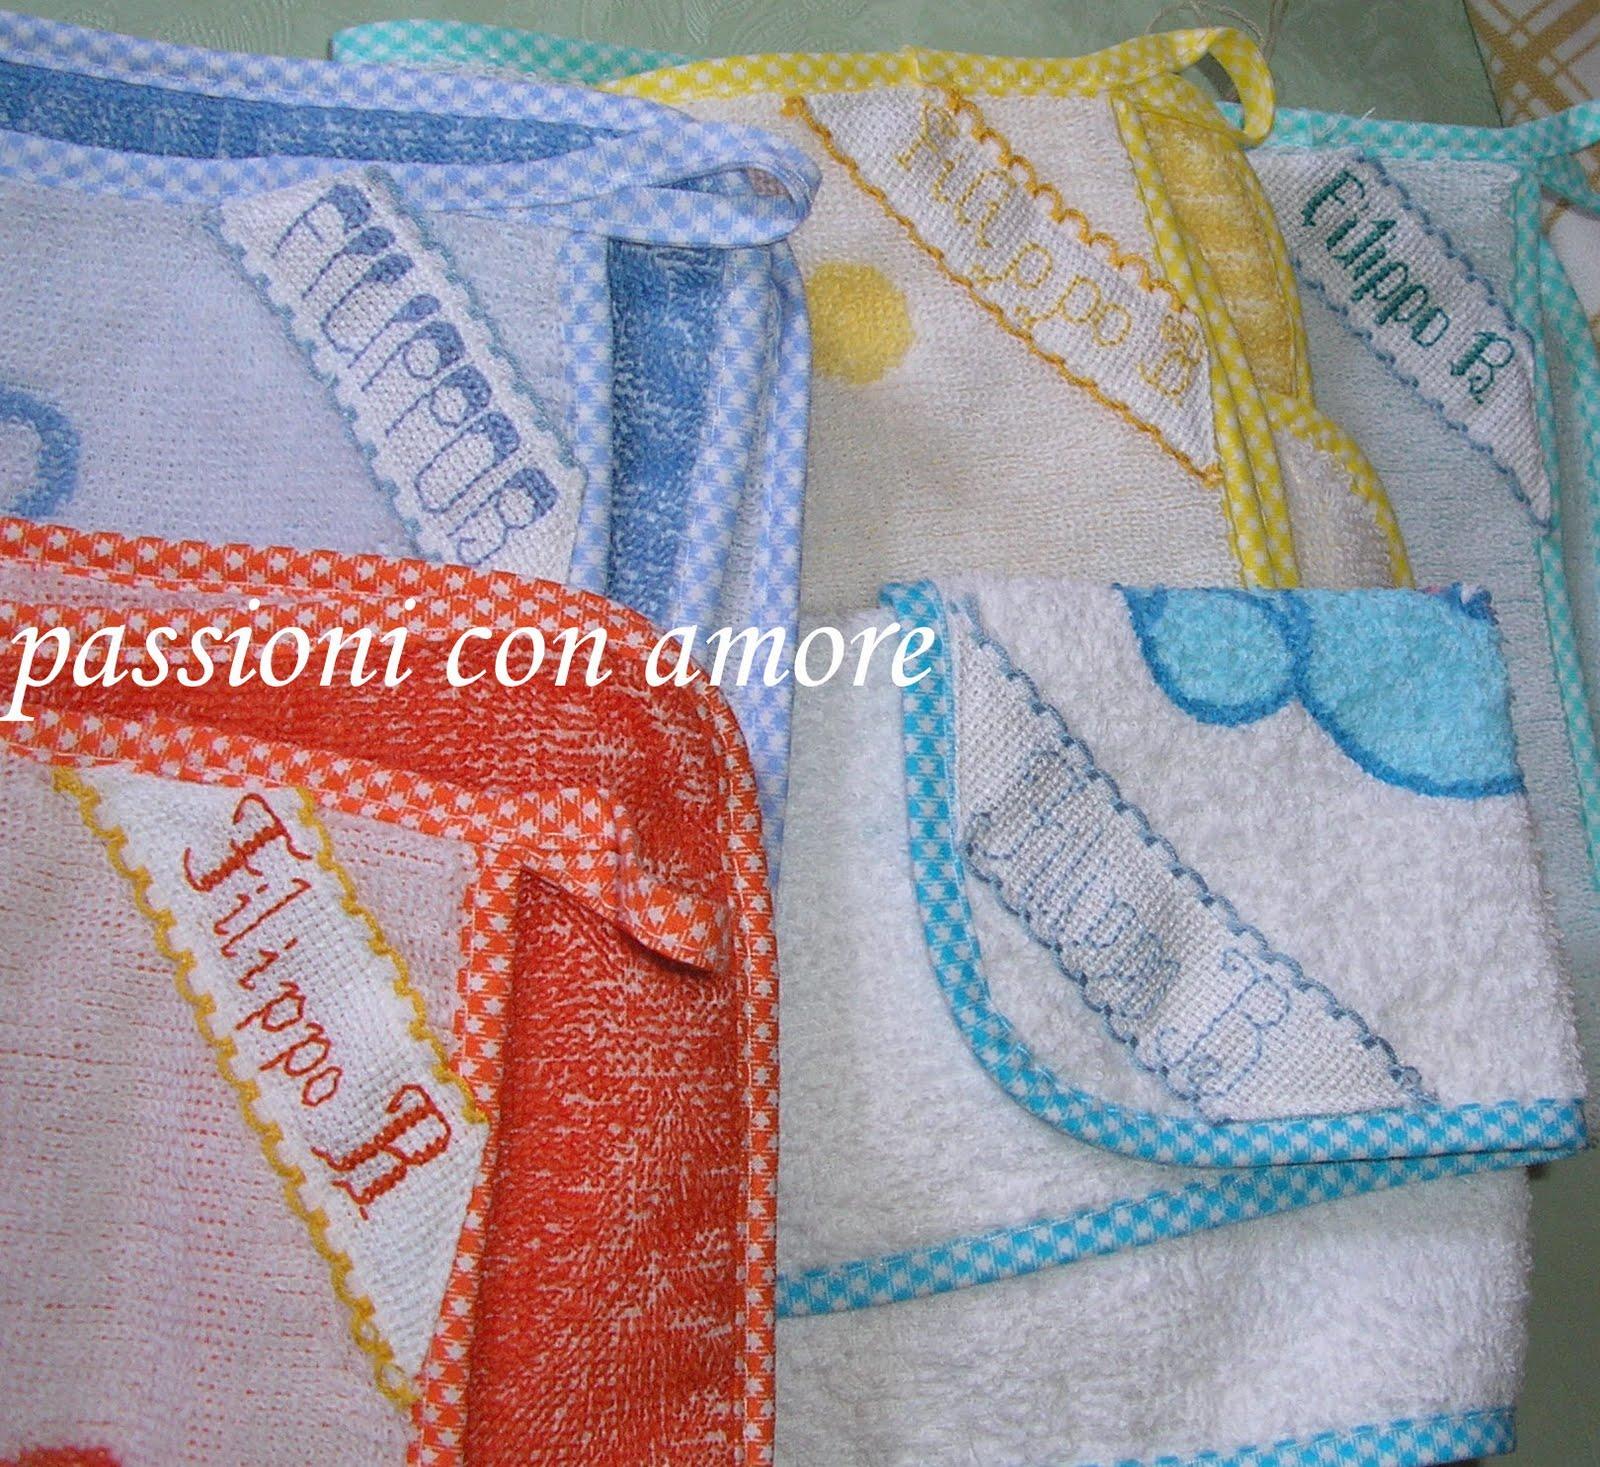 Asciugamani E Bavaglini Personalizzati.Passioni Con Amore Bavaglini E Asciugamani Personalizzati Con Il Nome